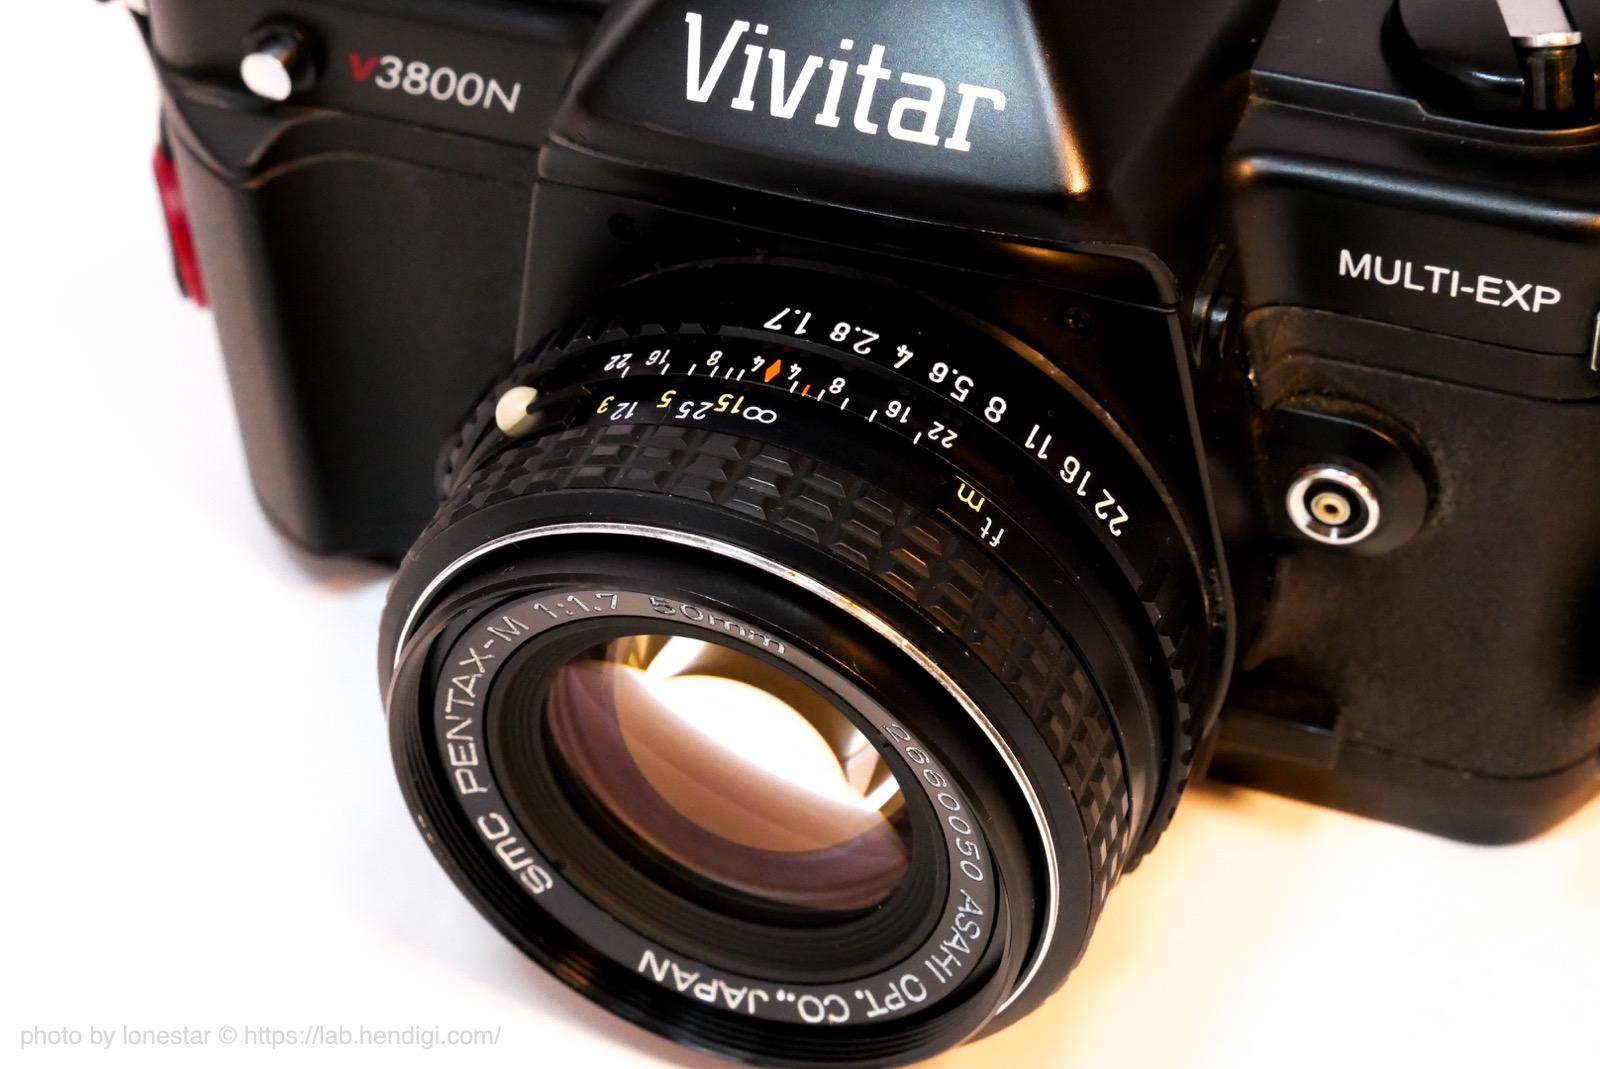 Vivitar V3800N